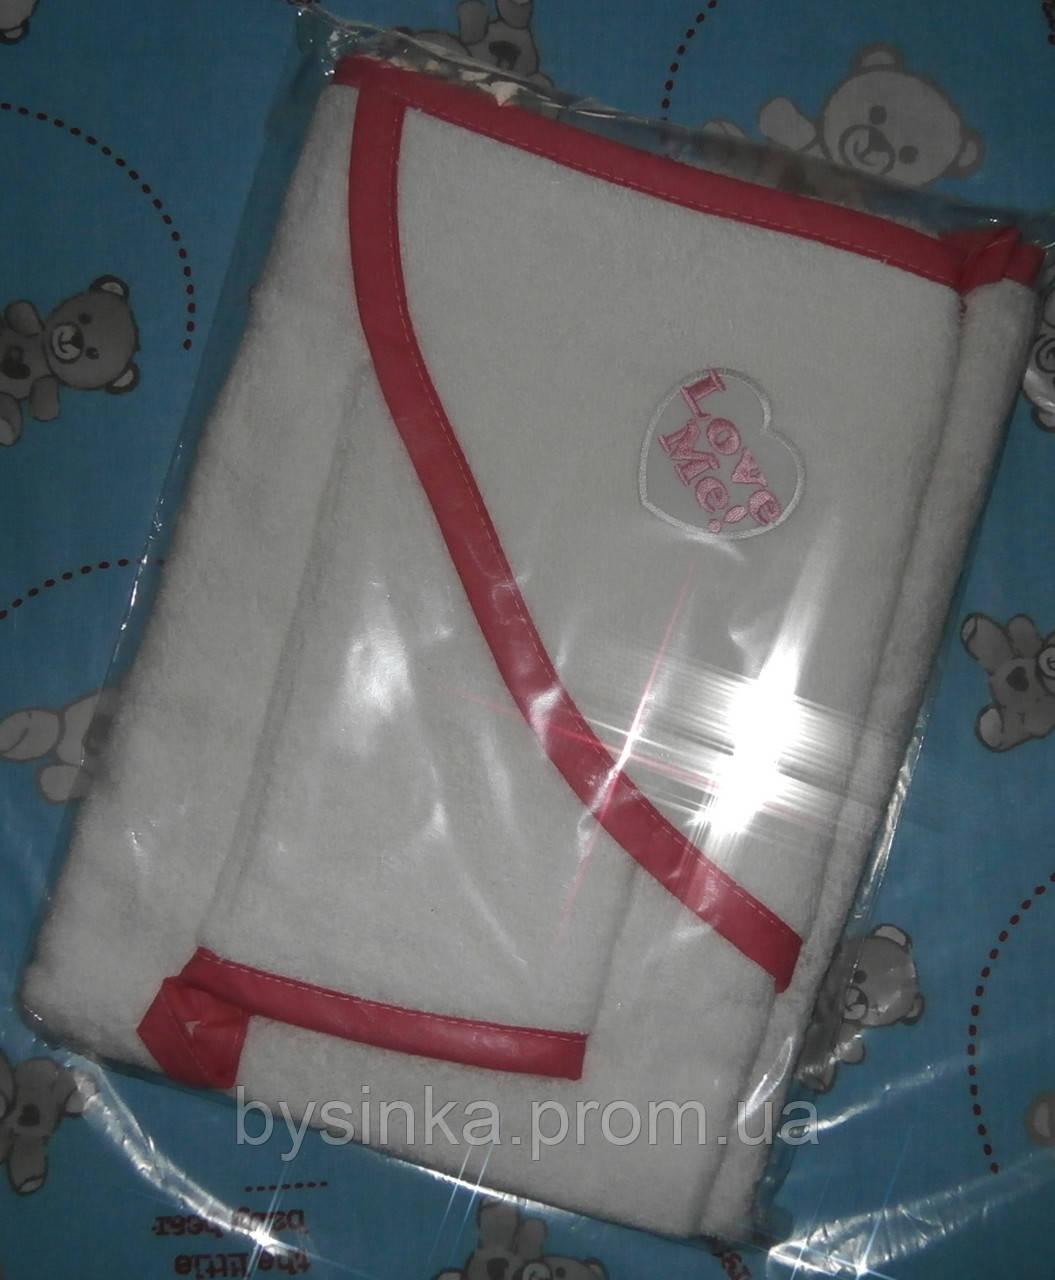 Полотенце-уголок для купания детей + рукавичка. 100% хлопок (махра)